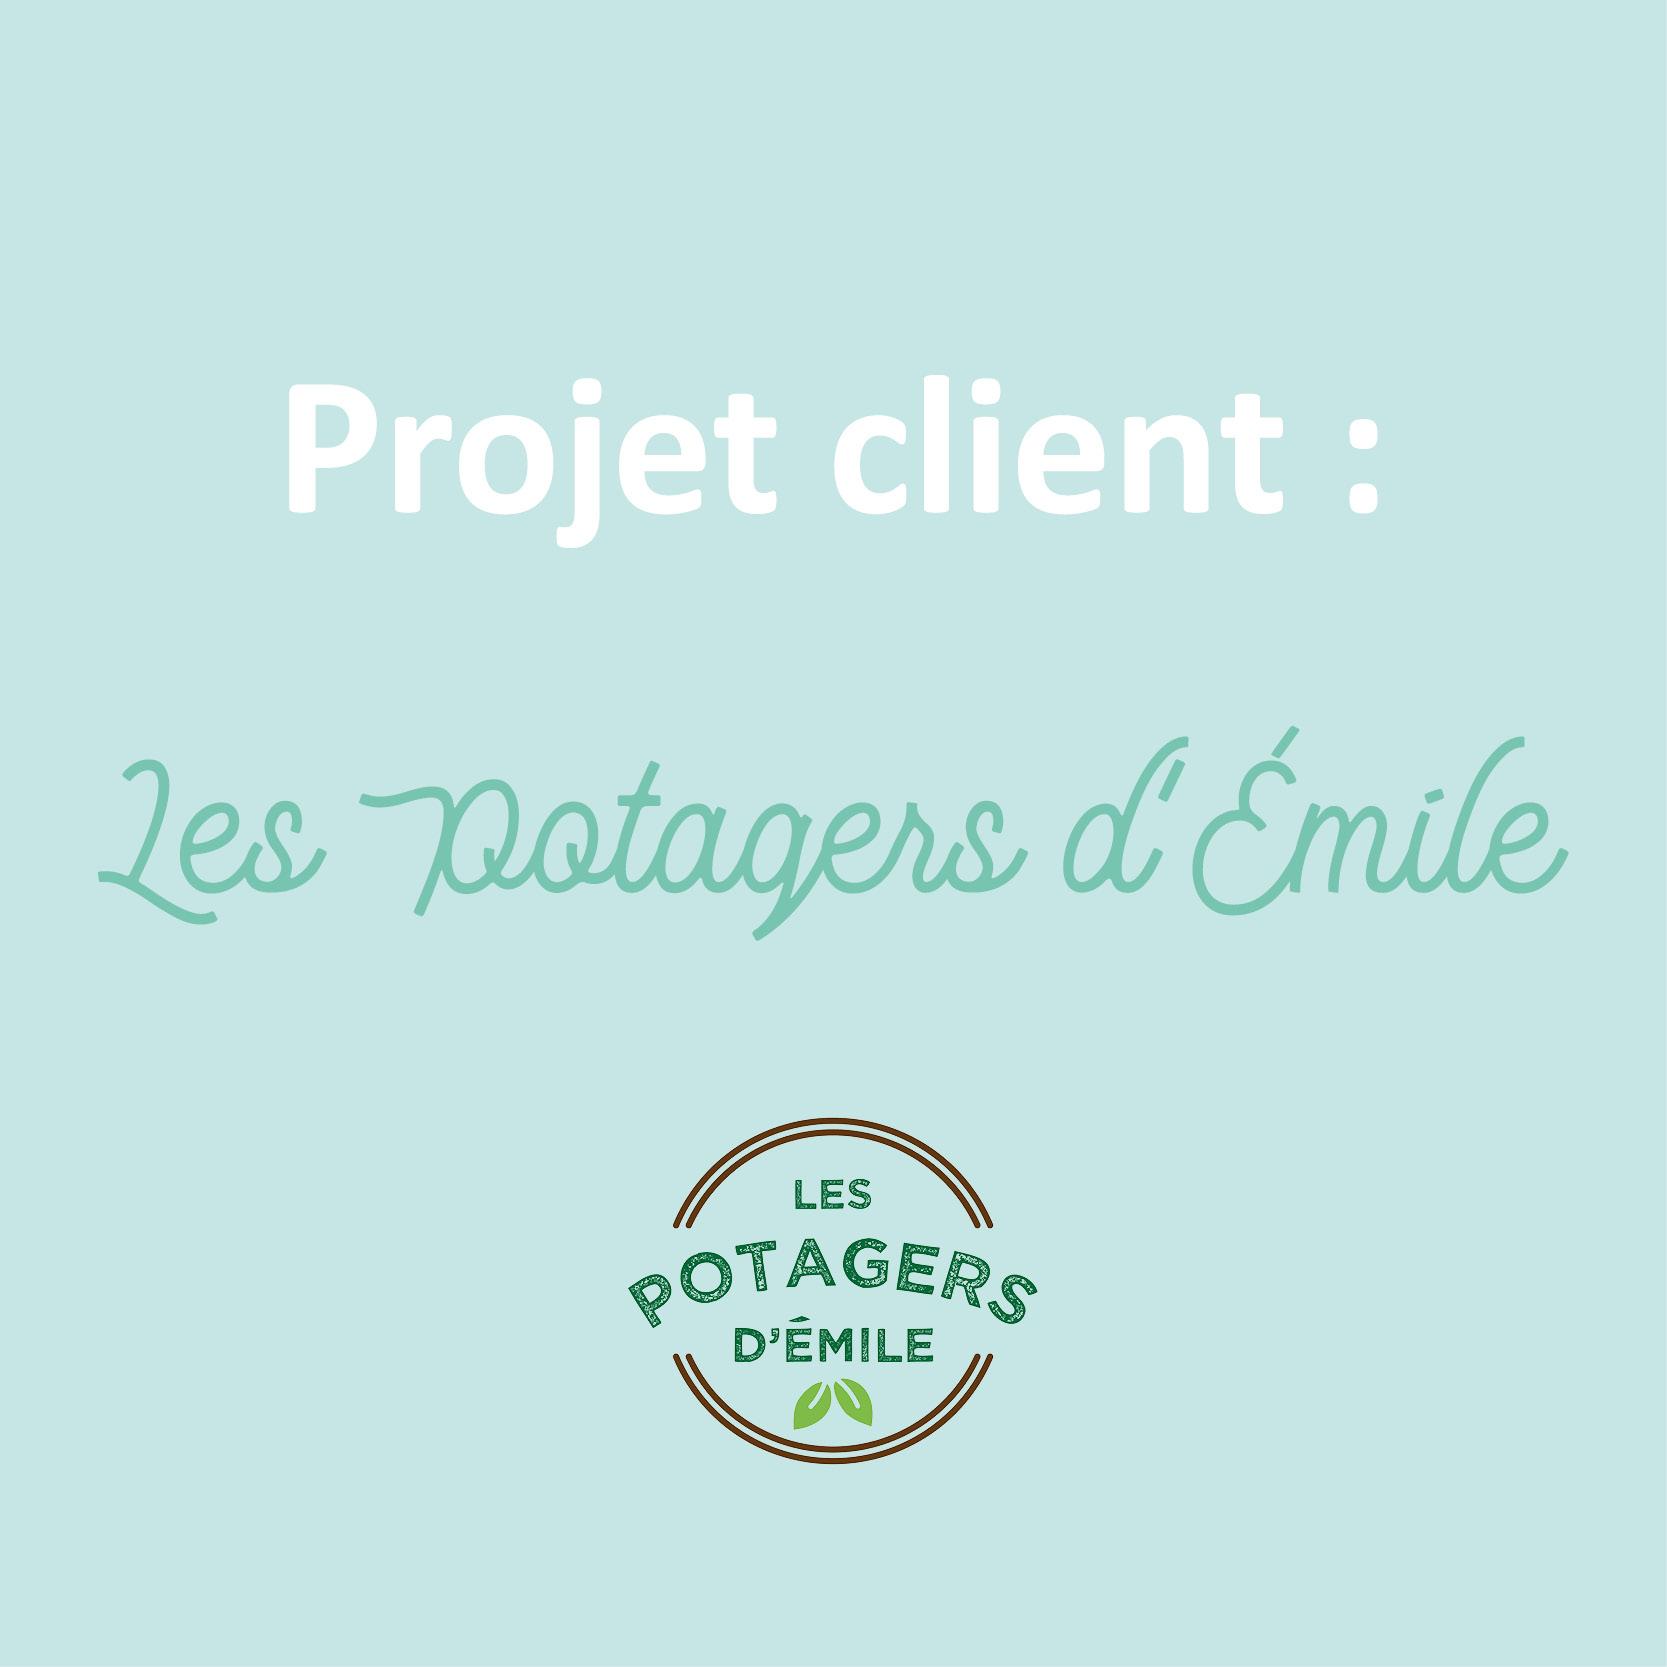 projet client logo et branding cartes d'affaires - les potagers d'émile